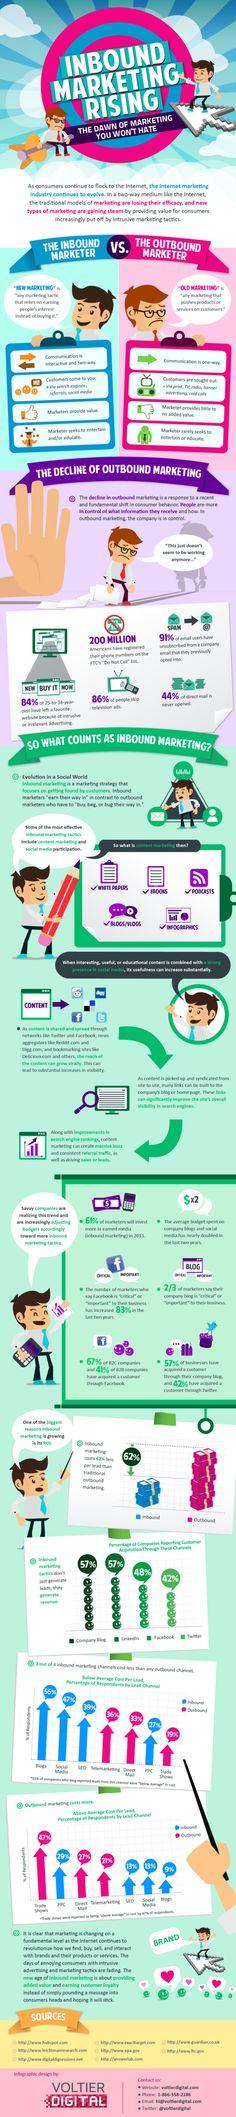 Marketing Infographic - Inbound vs Outbound